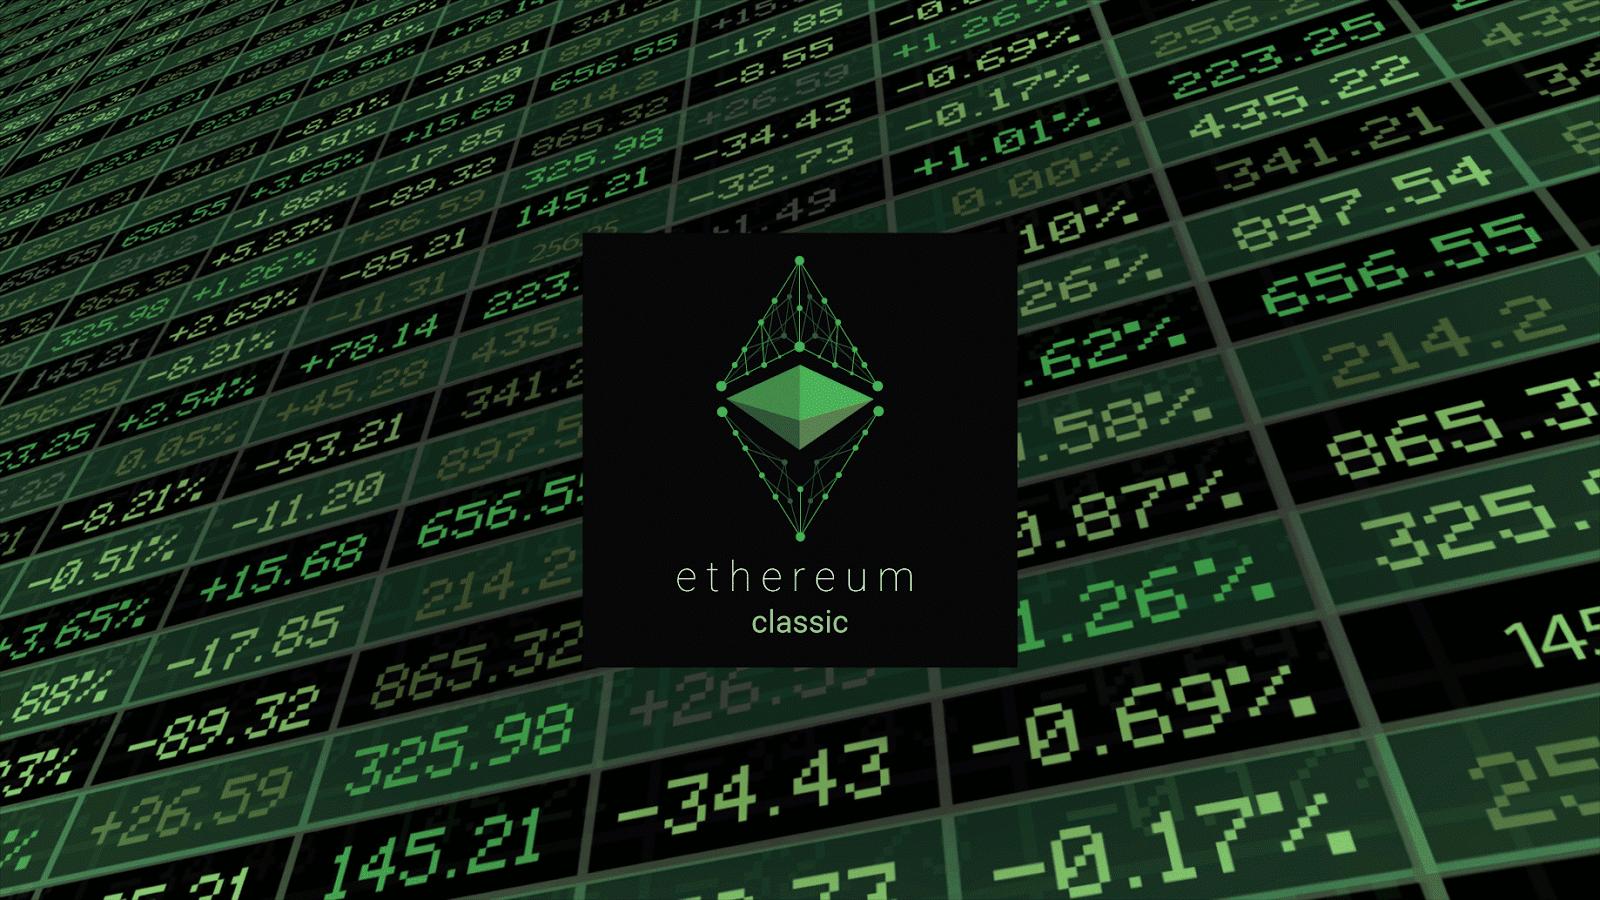 Quỹ Ethereum Classic đầu tiên được ra mắt - ETC tăng giá hơn 200%